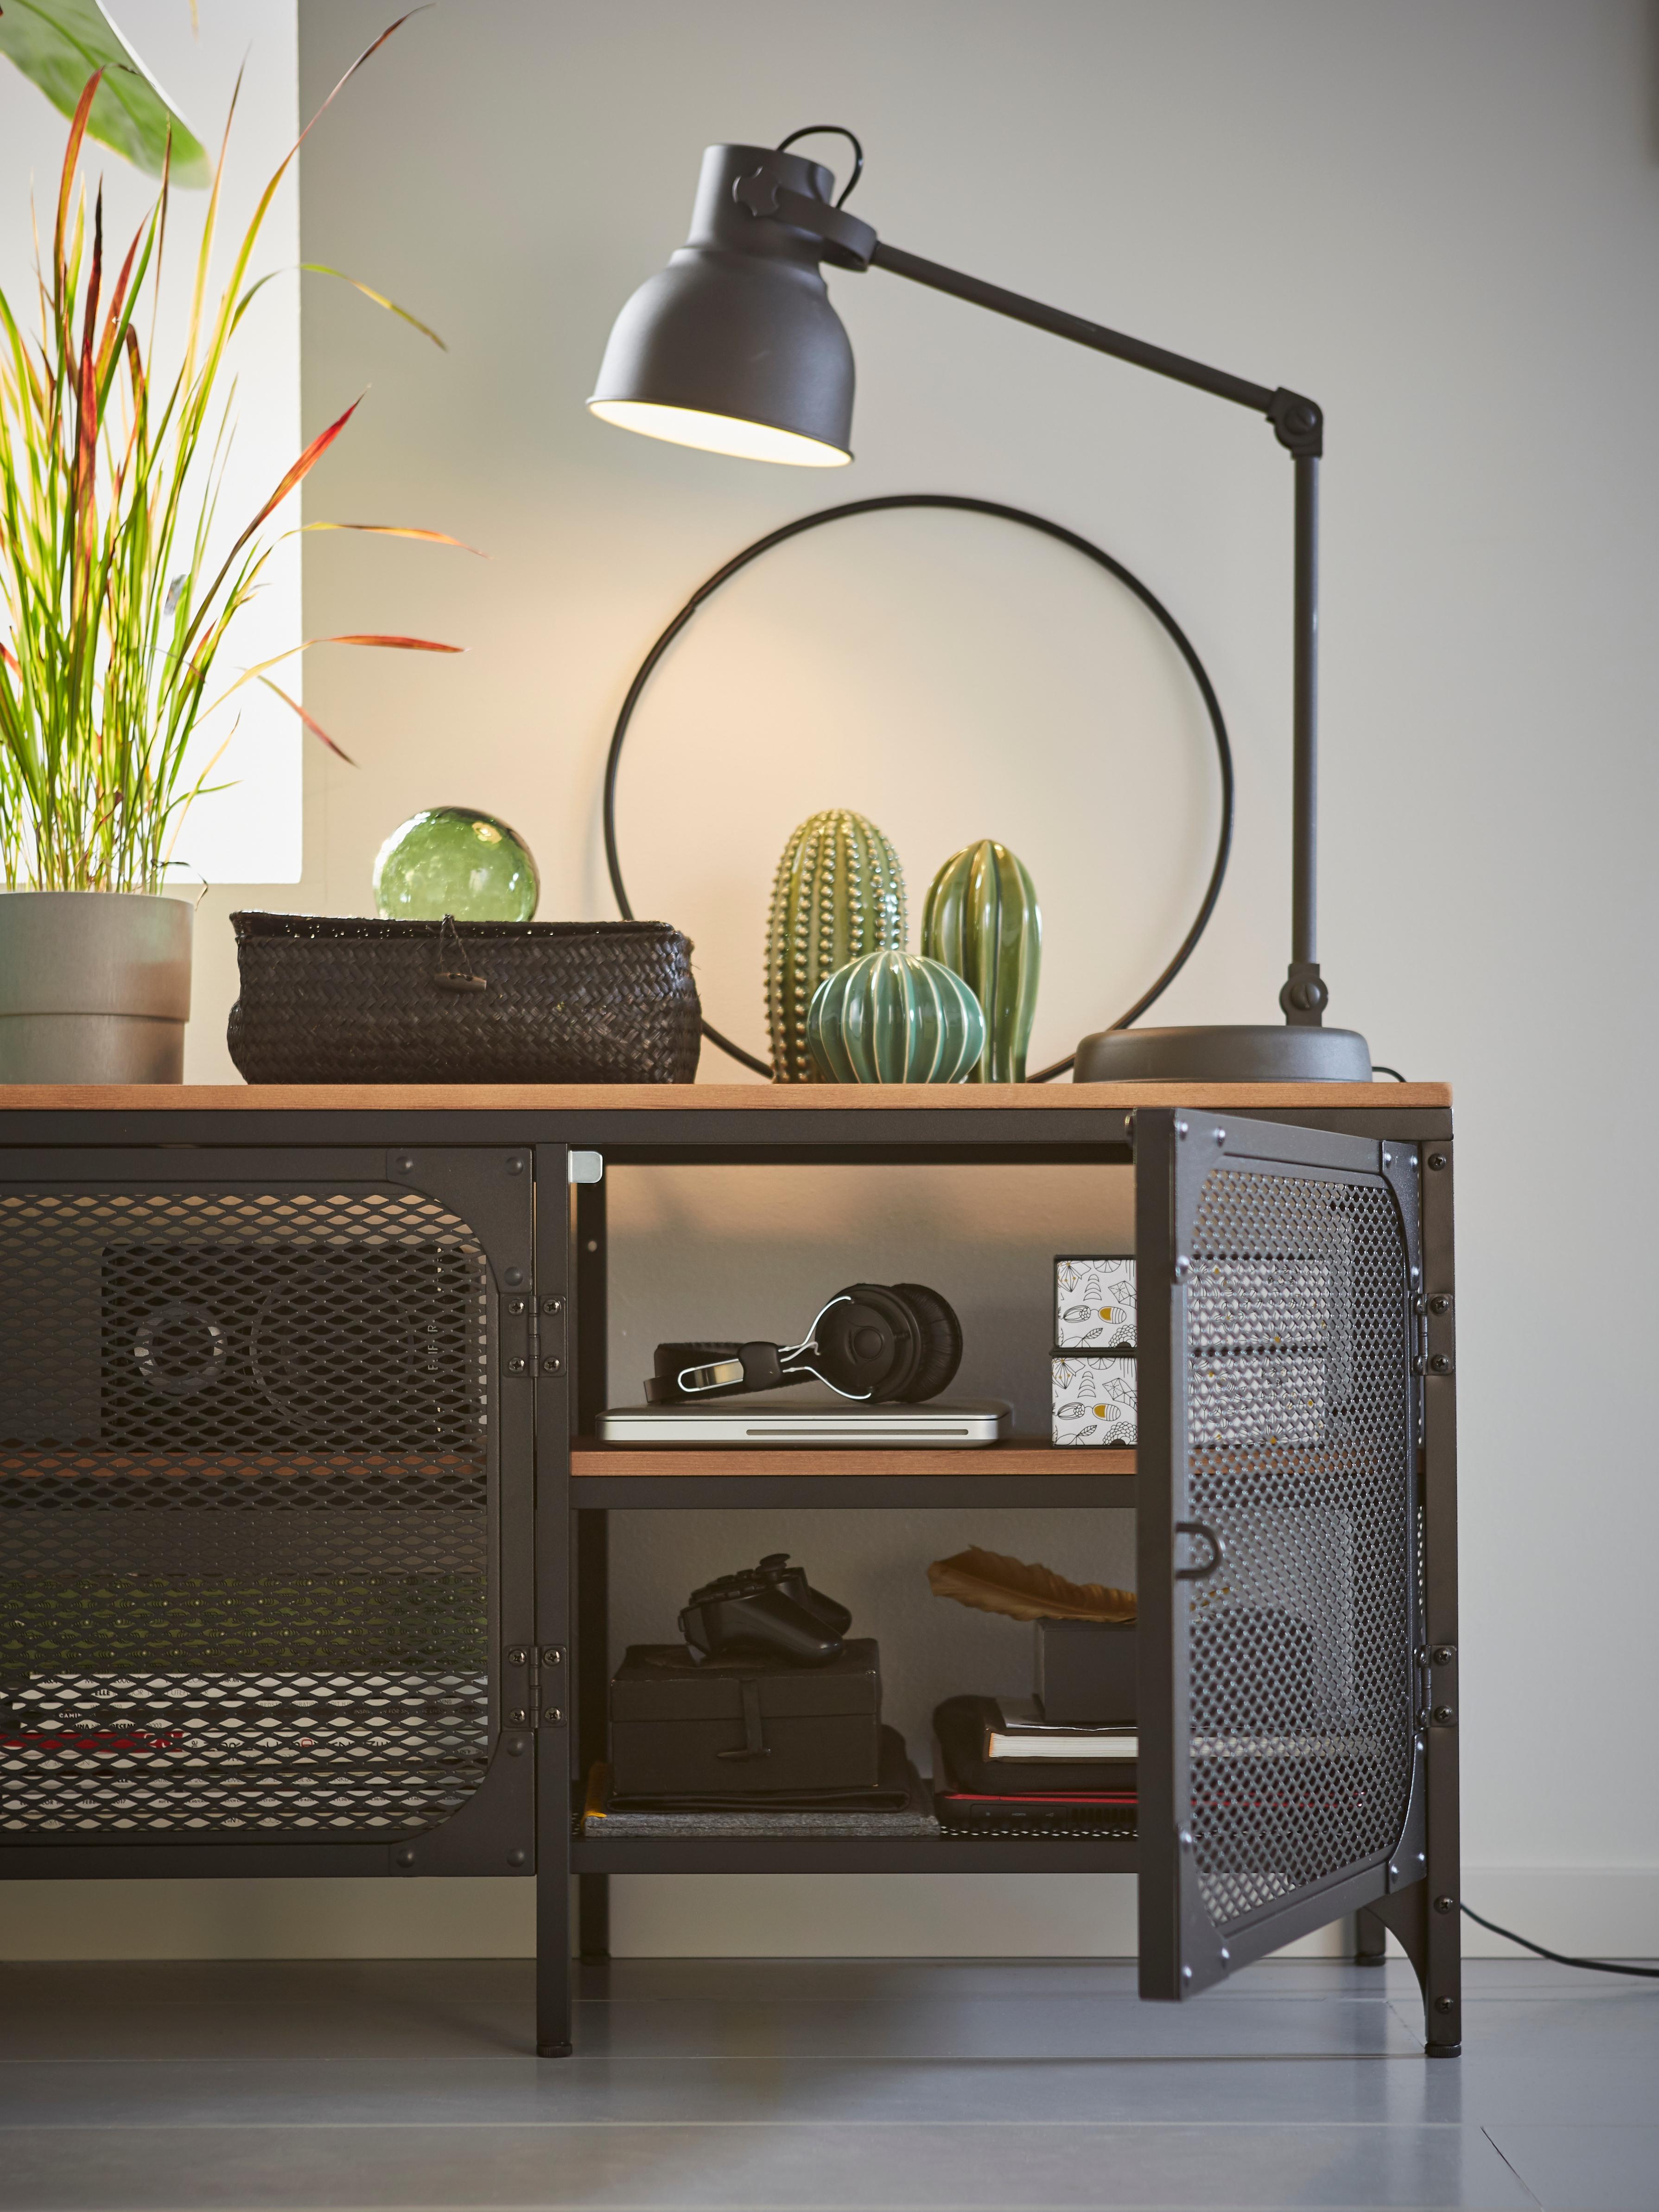 Crna FJÄLLBO TV klupa s metalnim mrežastim vratima i pločom od punog drveta bora u kojoj su kutije i knjige s lampom i dekorom na vrhu.